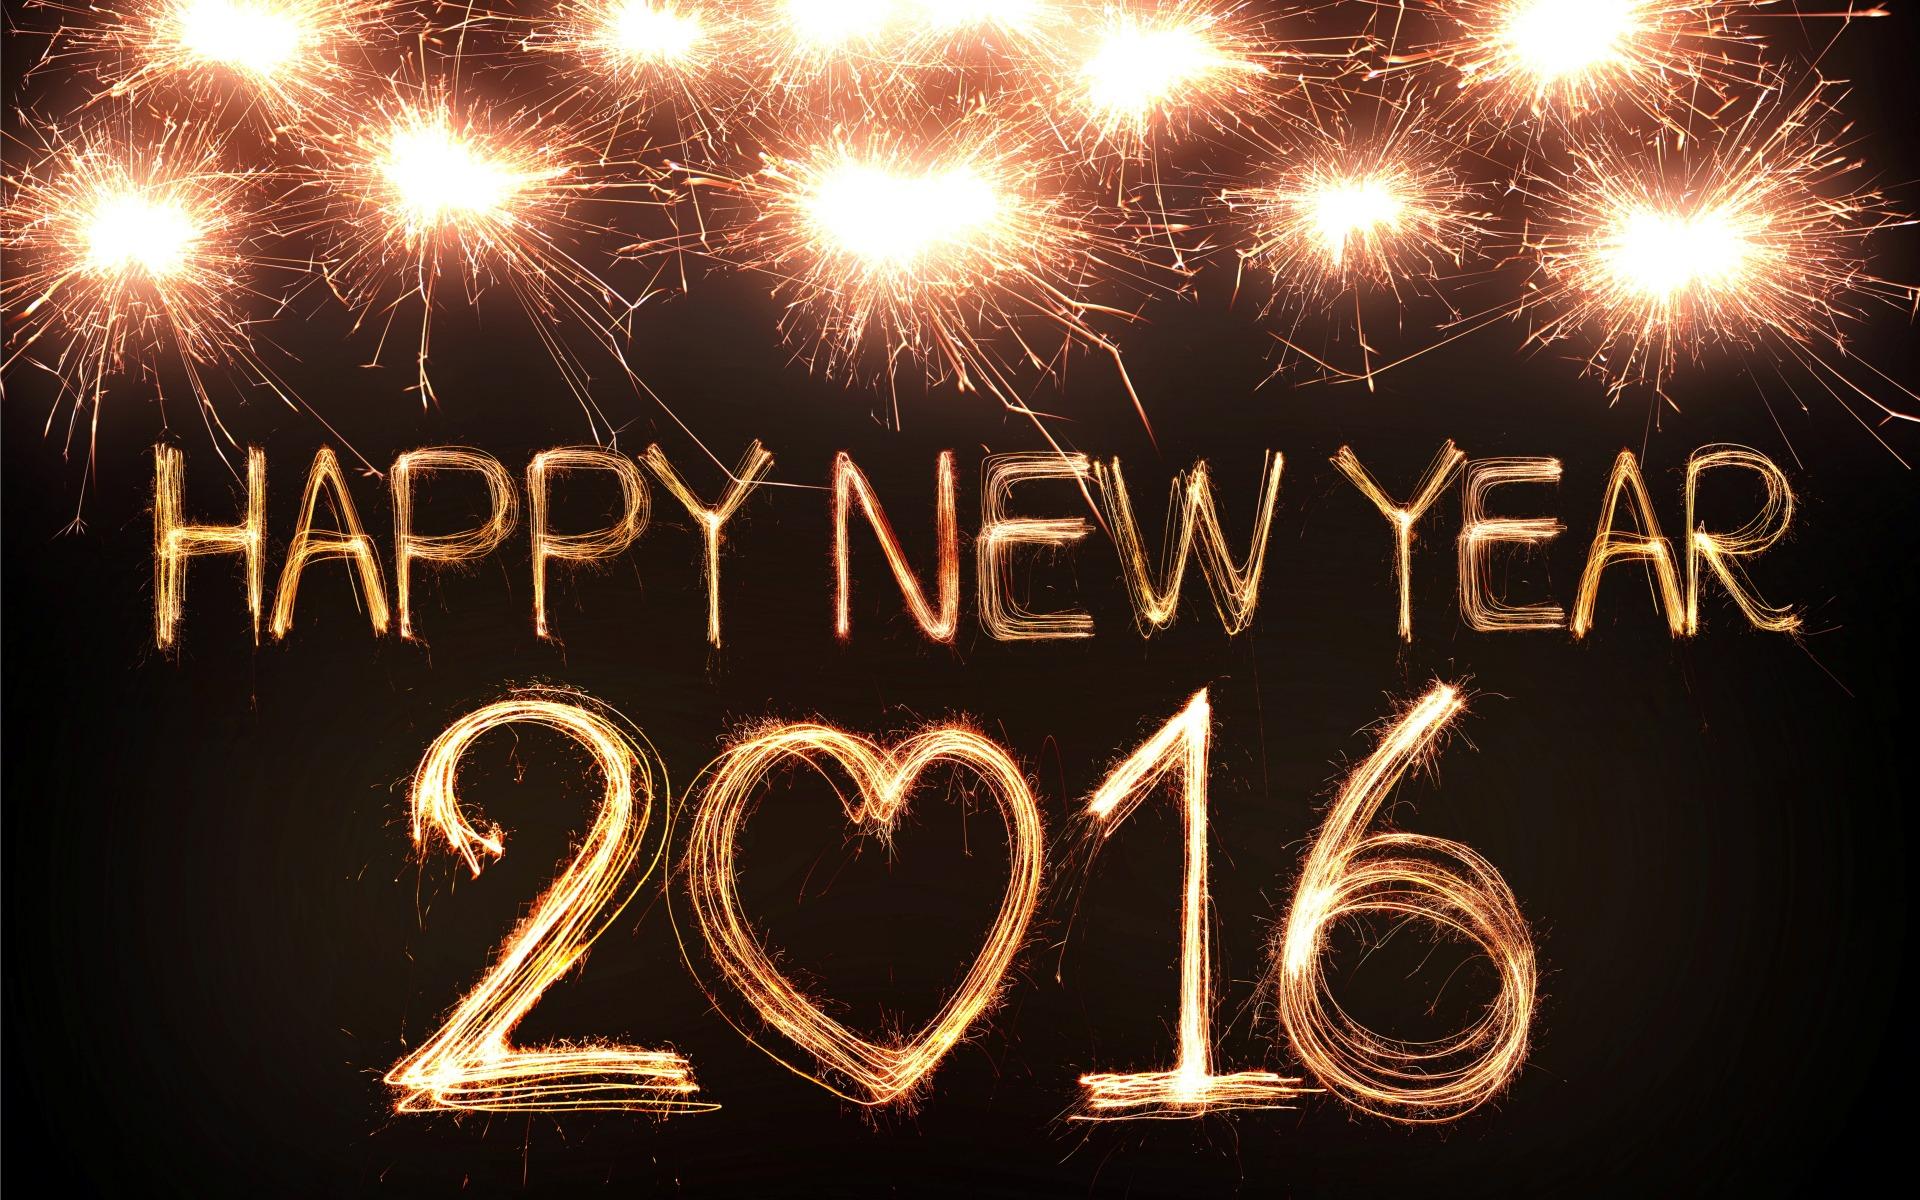 С наступающим новым годом 2016 картинки - C наступающим новым годом 2017 поздравительные картинки